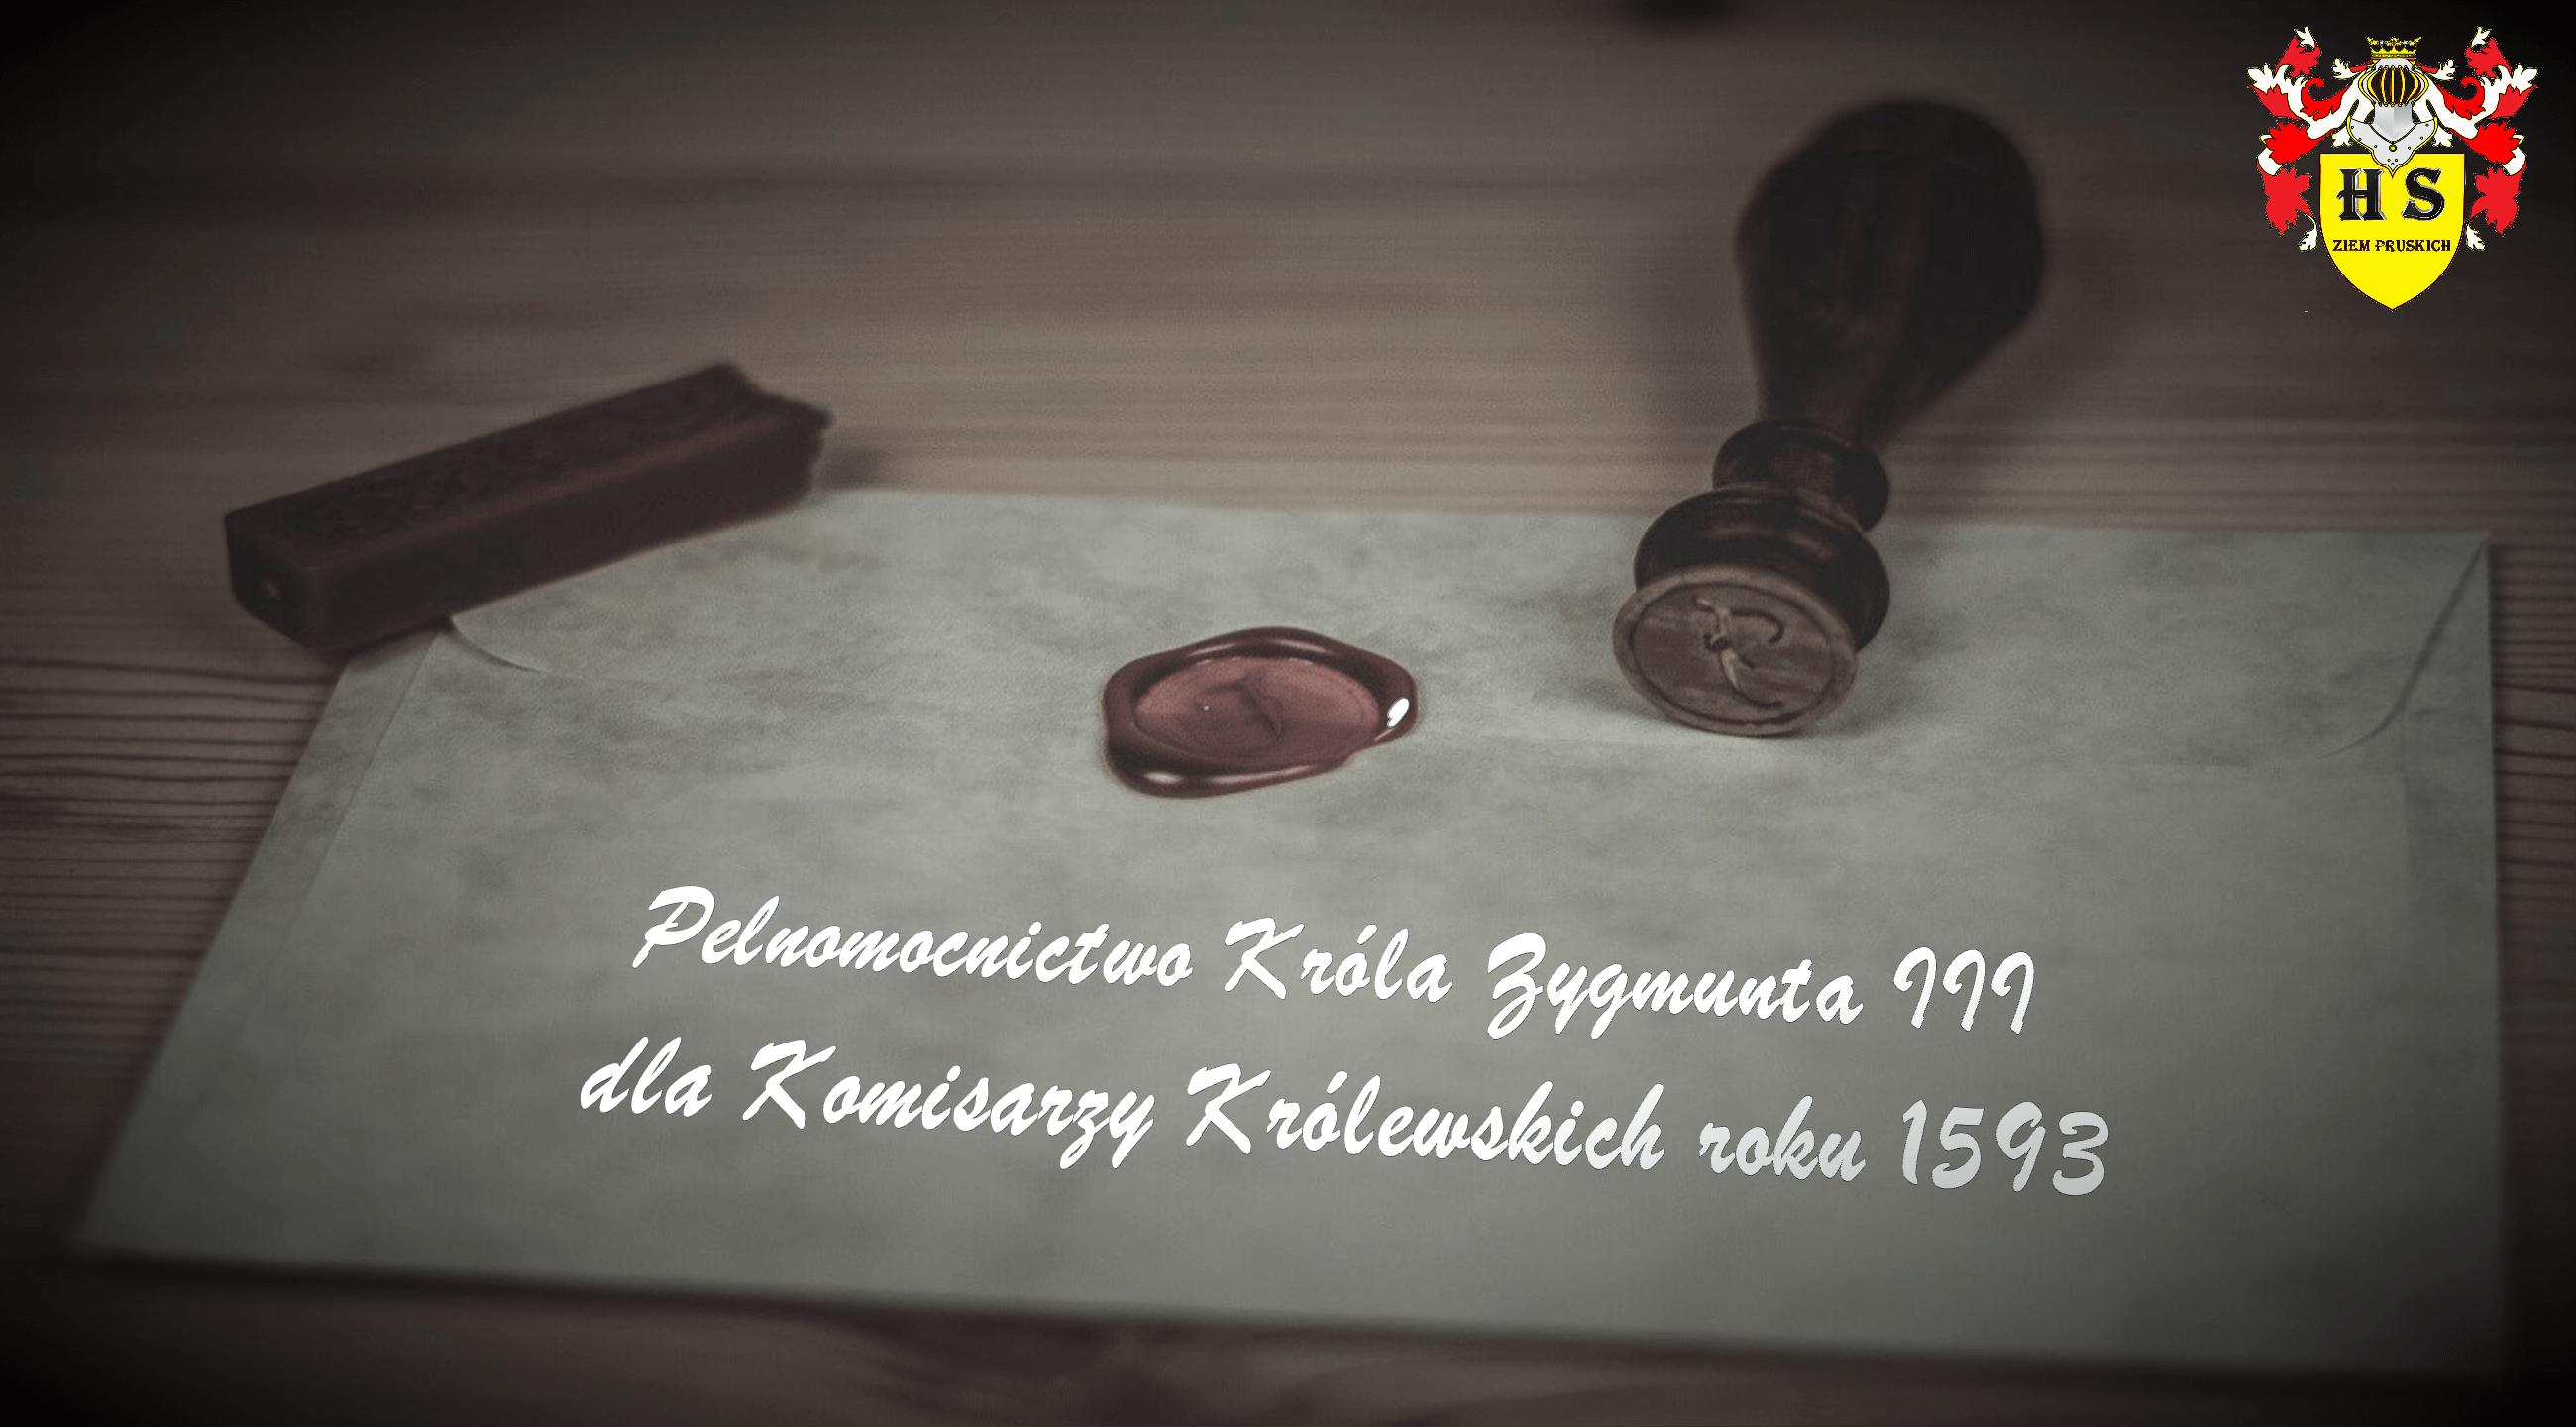 Pełnomocnictwo Króla Zygmunta III dla Komisarzy Królewskich roku 1593